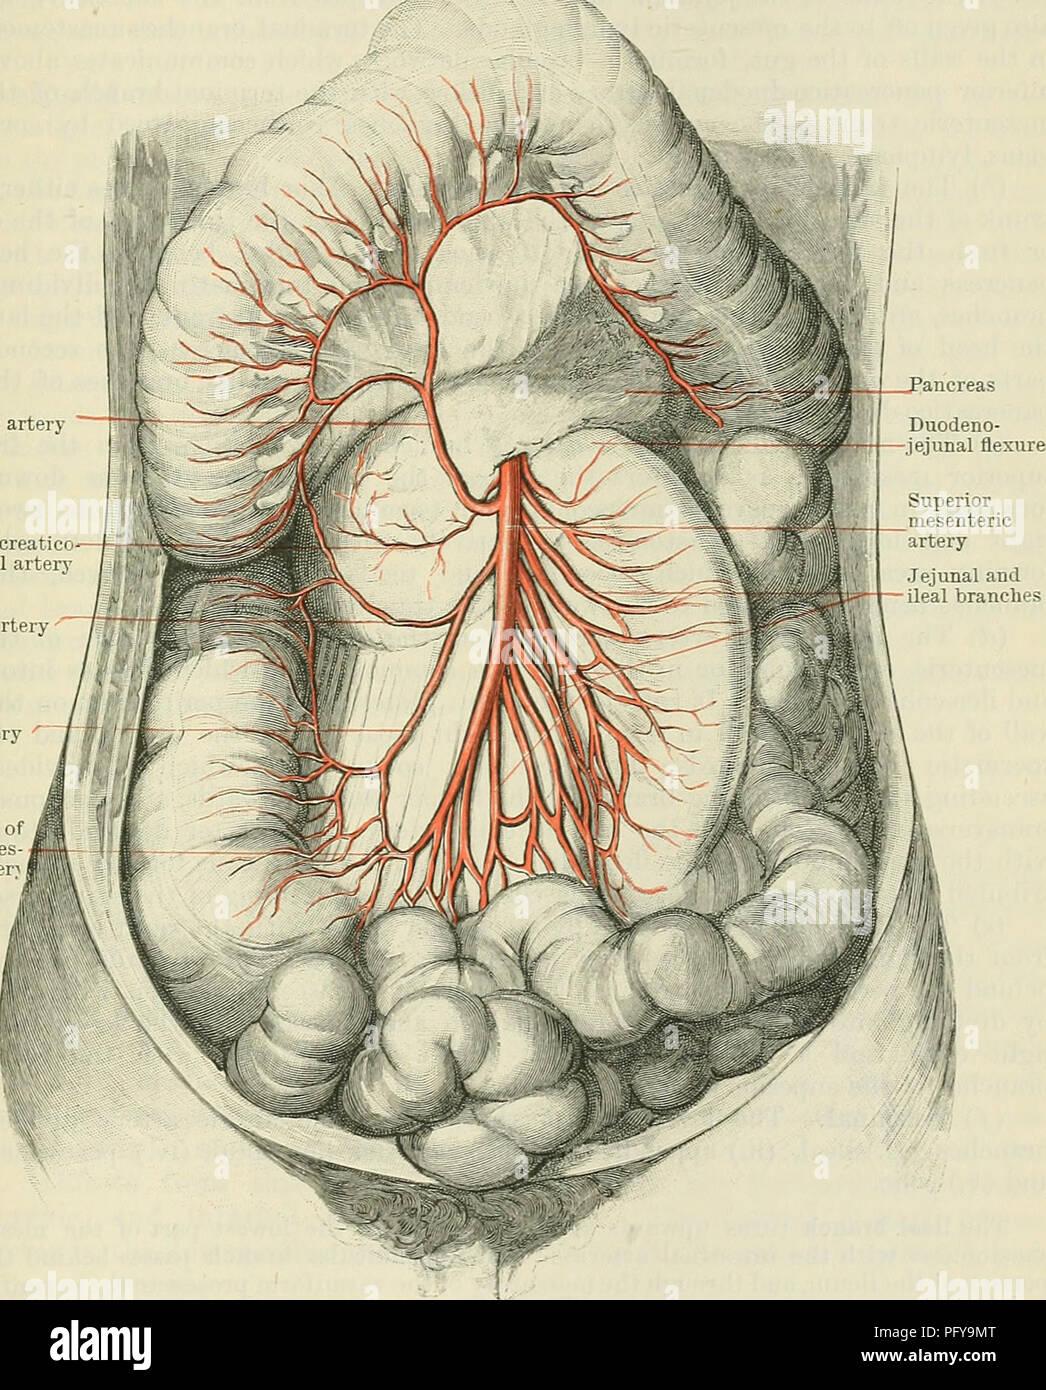 Superior Mesenteric Inferior Mesenteric Artery Imágenes De Stock ...